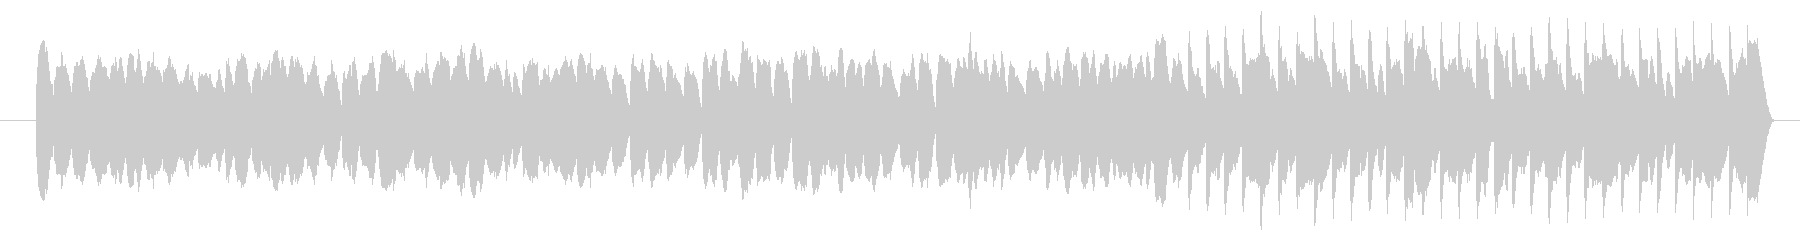 弾むイメージ、可愛いコミカルなシンセの曲の未再生の波形